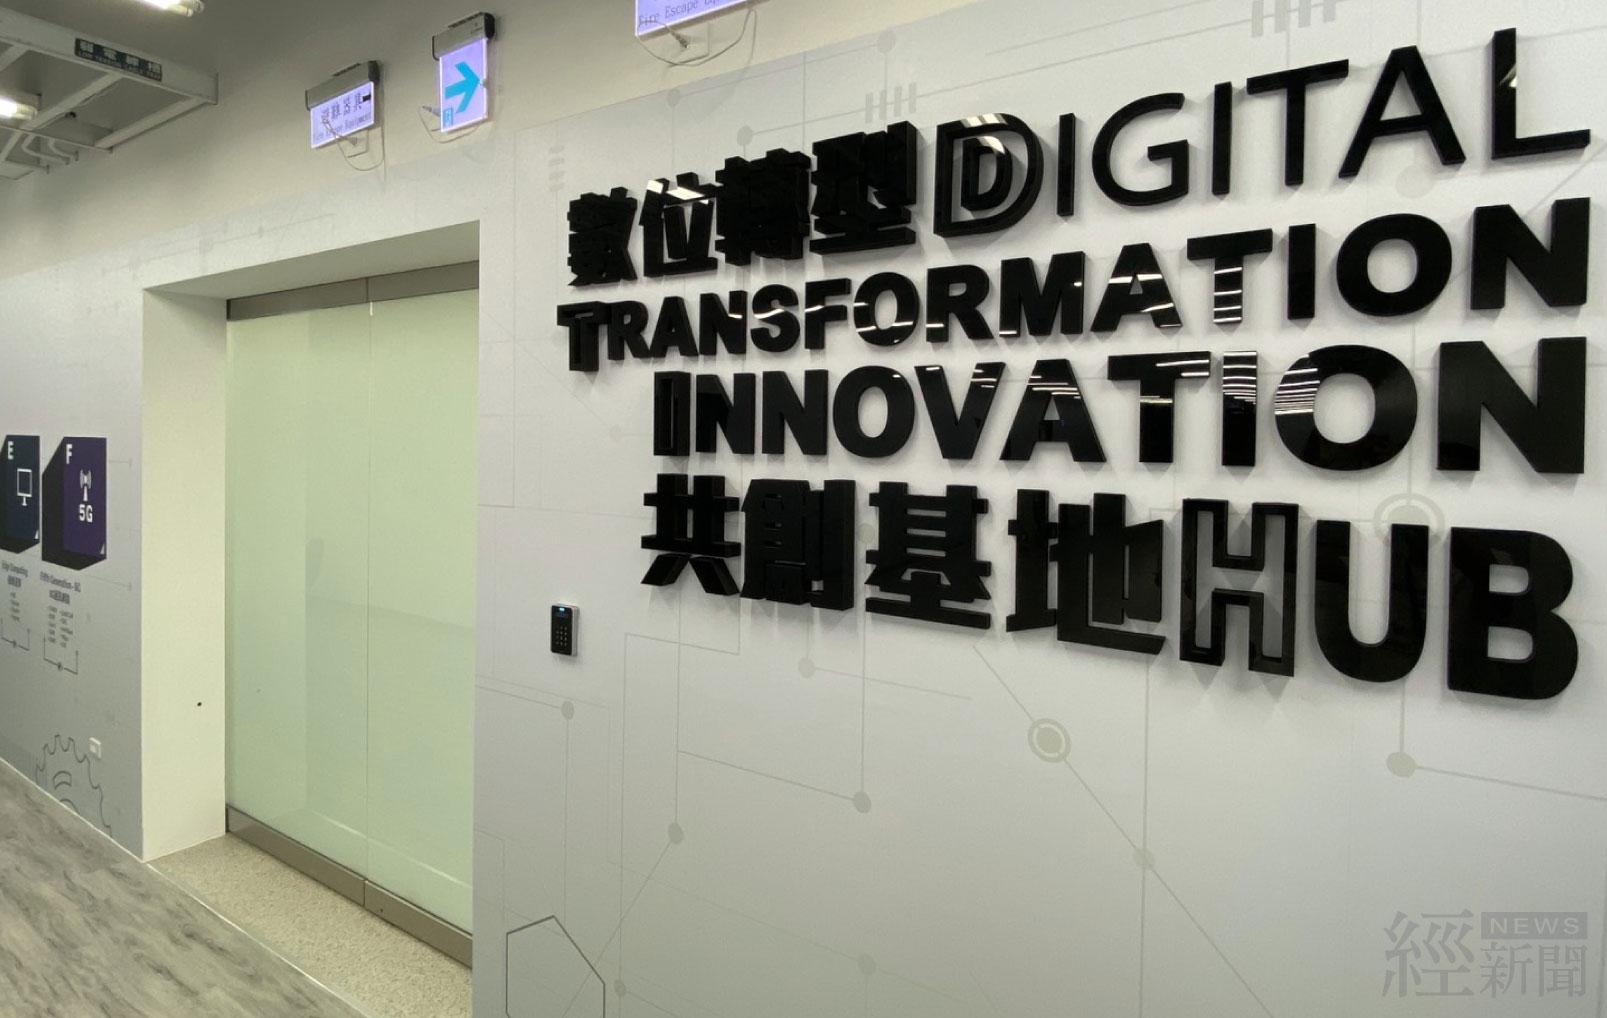 全台首座「數位轉型共創基地」啟動 估創產值逾16億